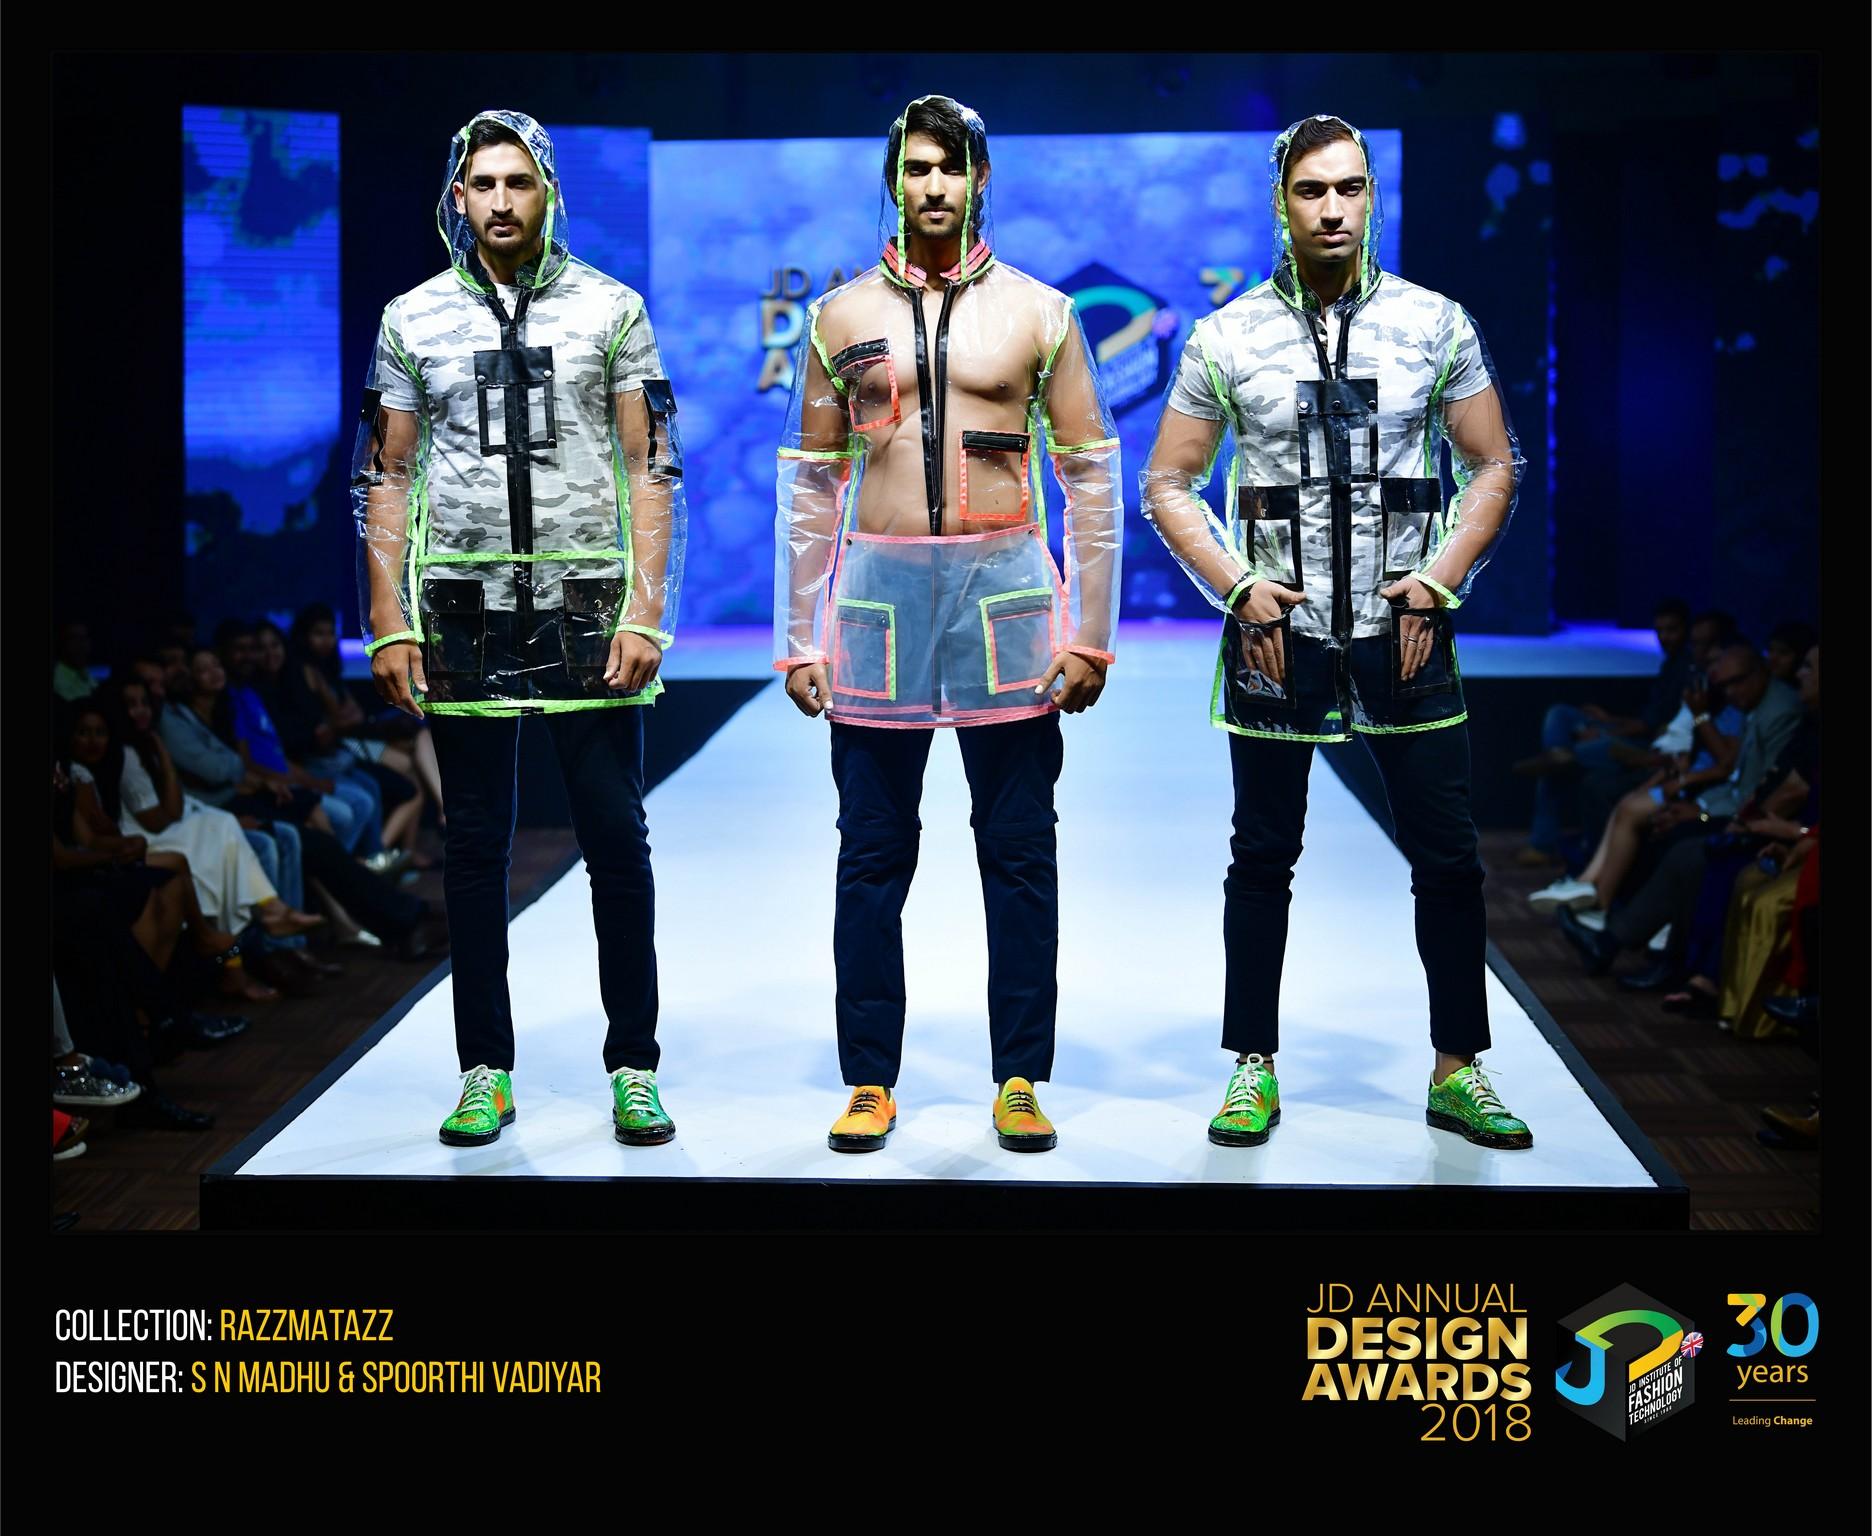 Razzmatazz – Change – JD Annual Design Awards 2018 | Designer: Madhu and Spoorthi | Photography : Jerin Nath (@jerin_nath) razzmatazz – change – jd annual design awards 2018 - RAZZMATAZZ 5 - Razzmatazz – Change – JD Annual Design Awards 2018